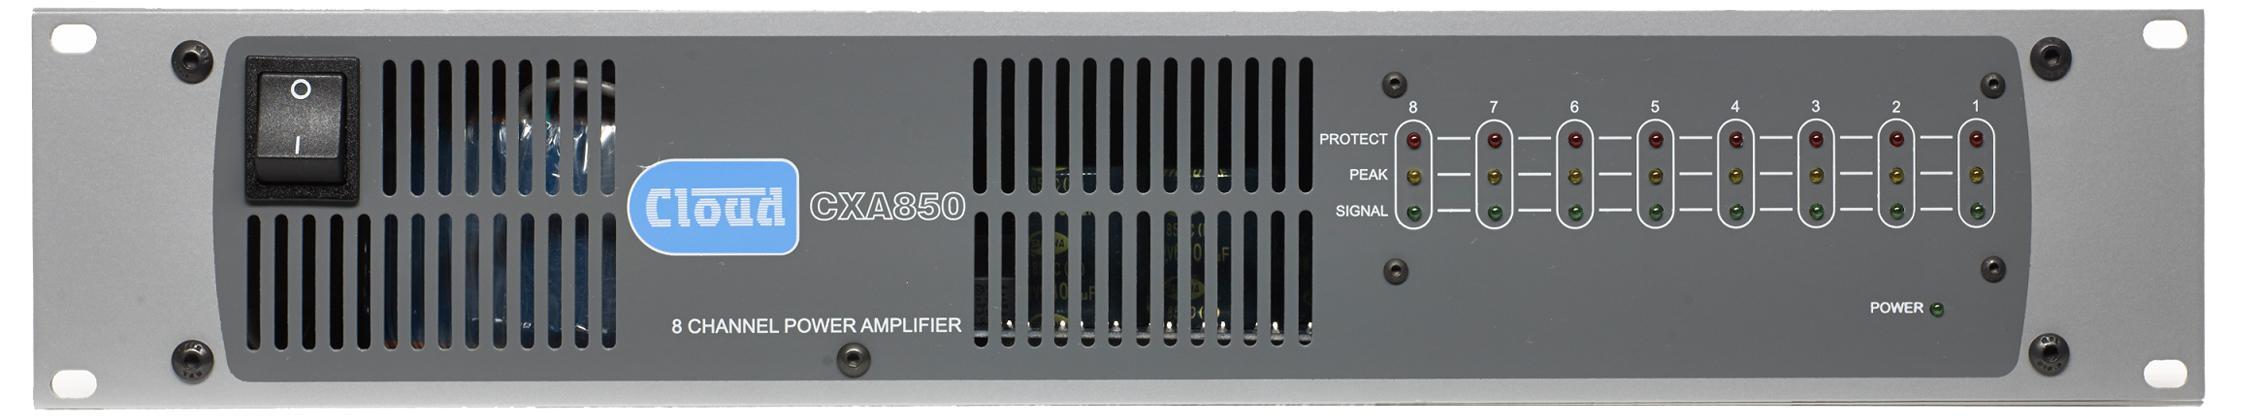 CXA850 8 x 50W Amplifier